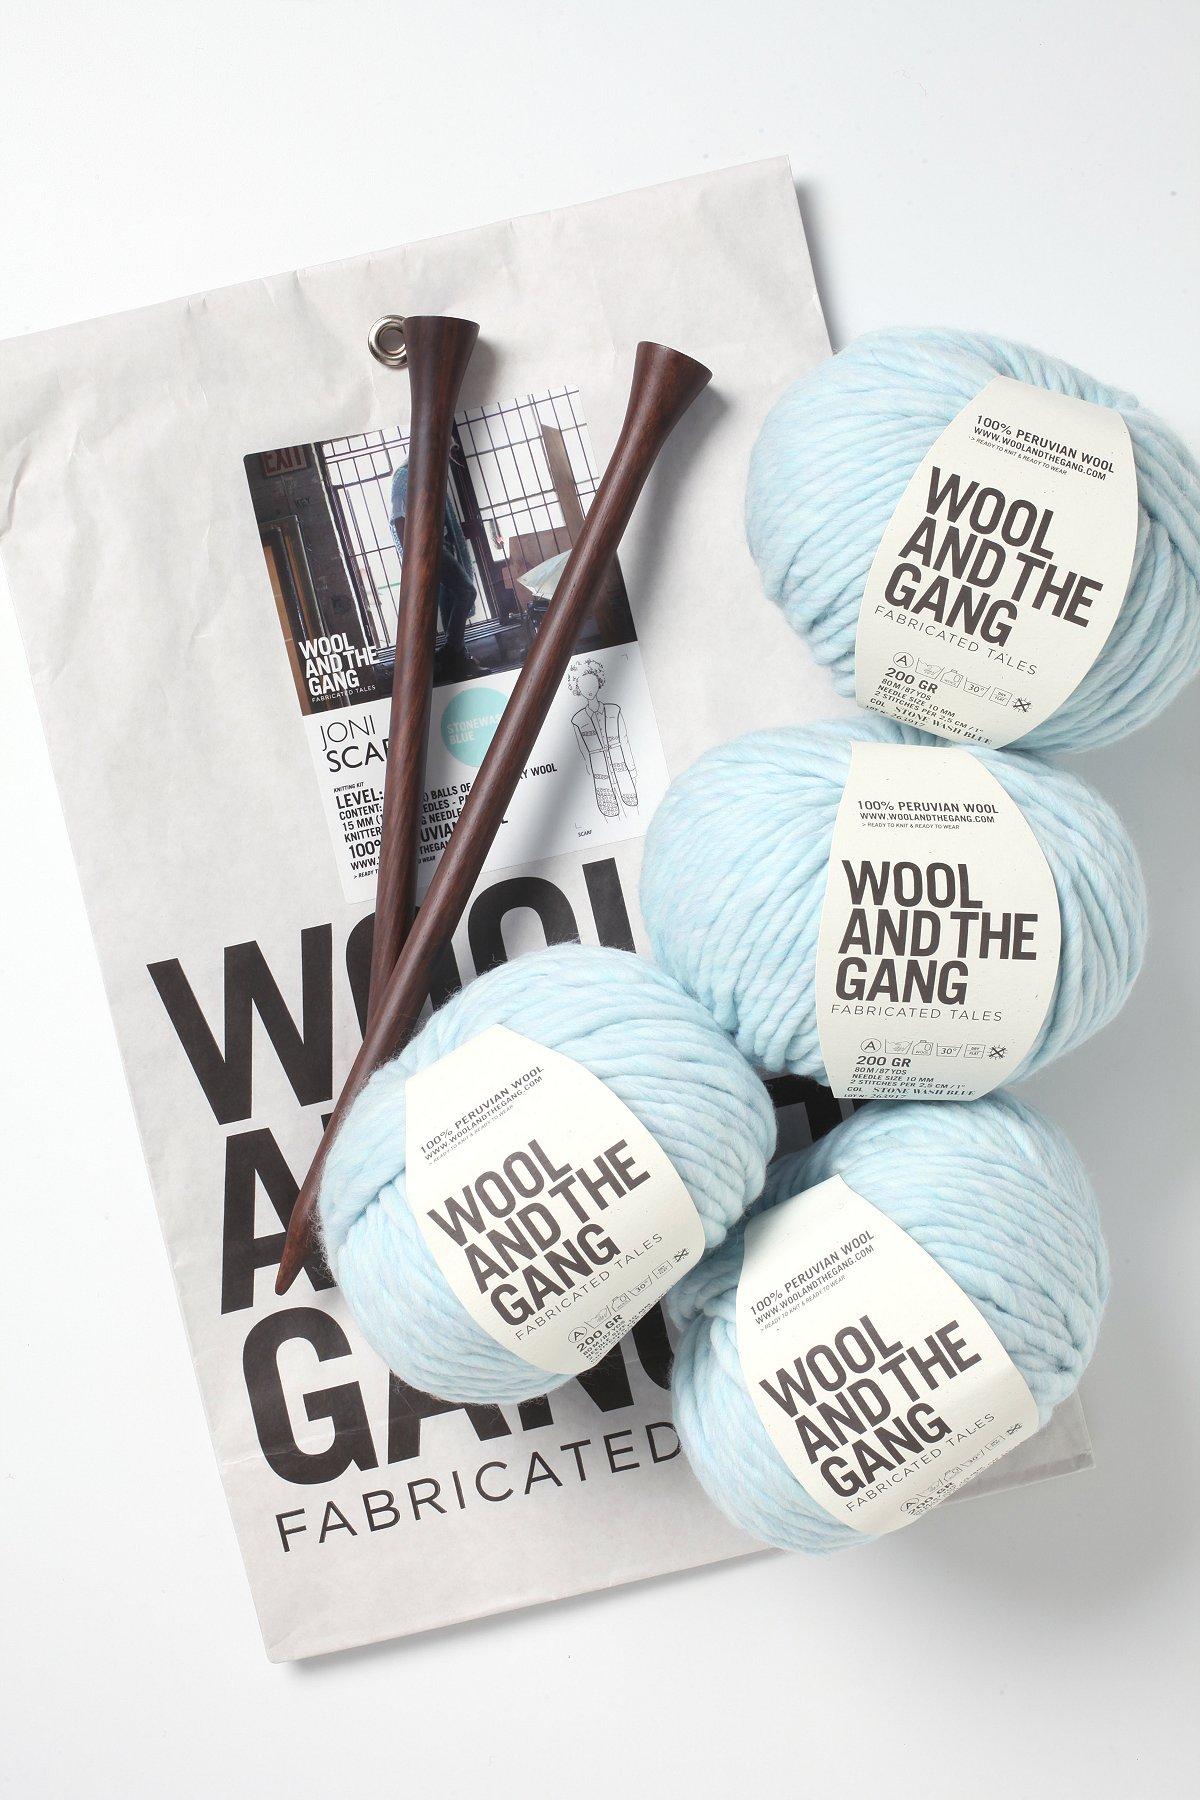 Joni Scarf Knitting Kit